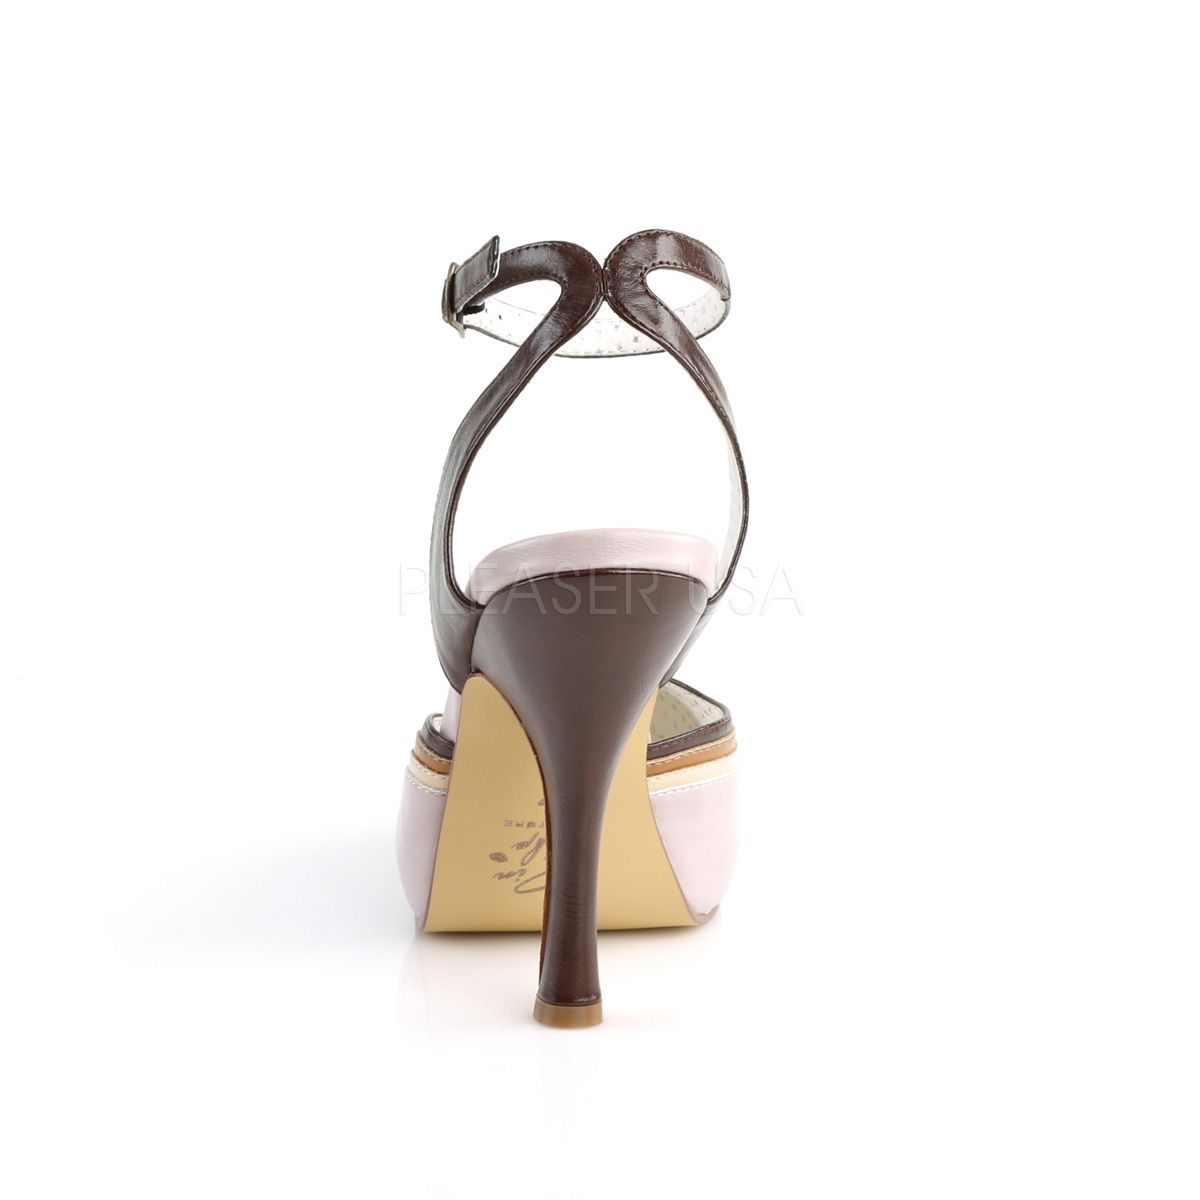 Sandalias americanas de estilo Pin Up con correa al tobillo cruzada